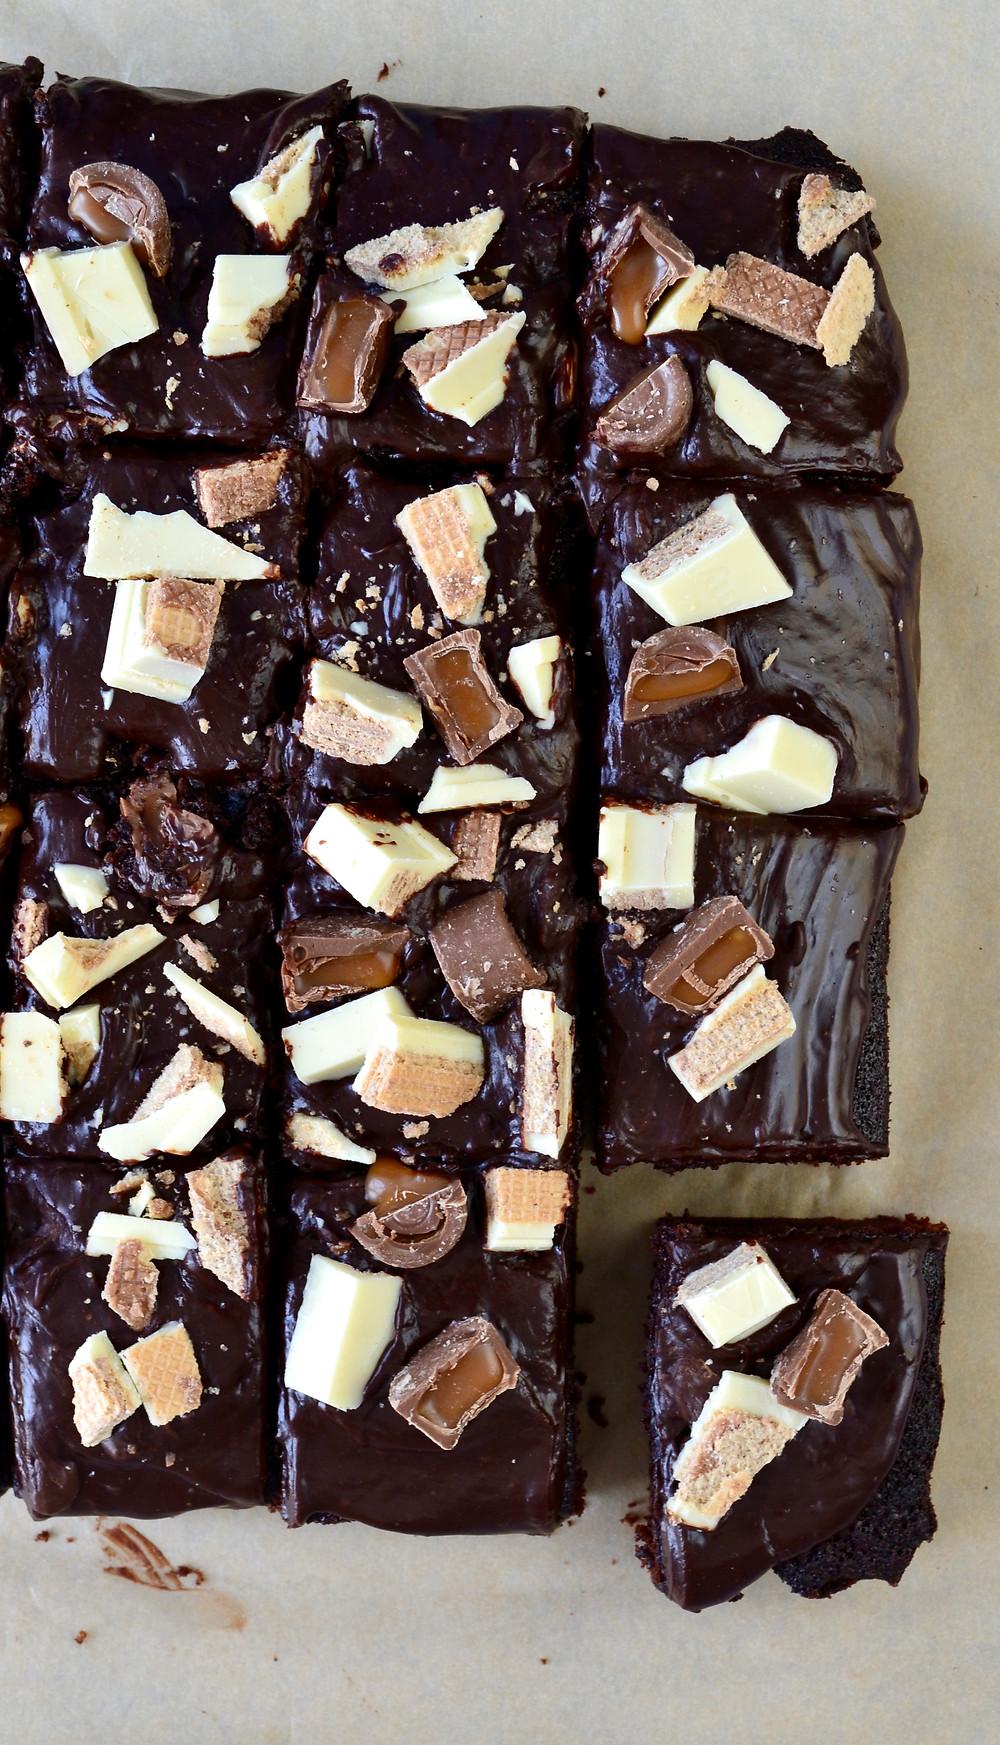 Chocoladetaart met KitKat en Rolo's